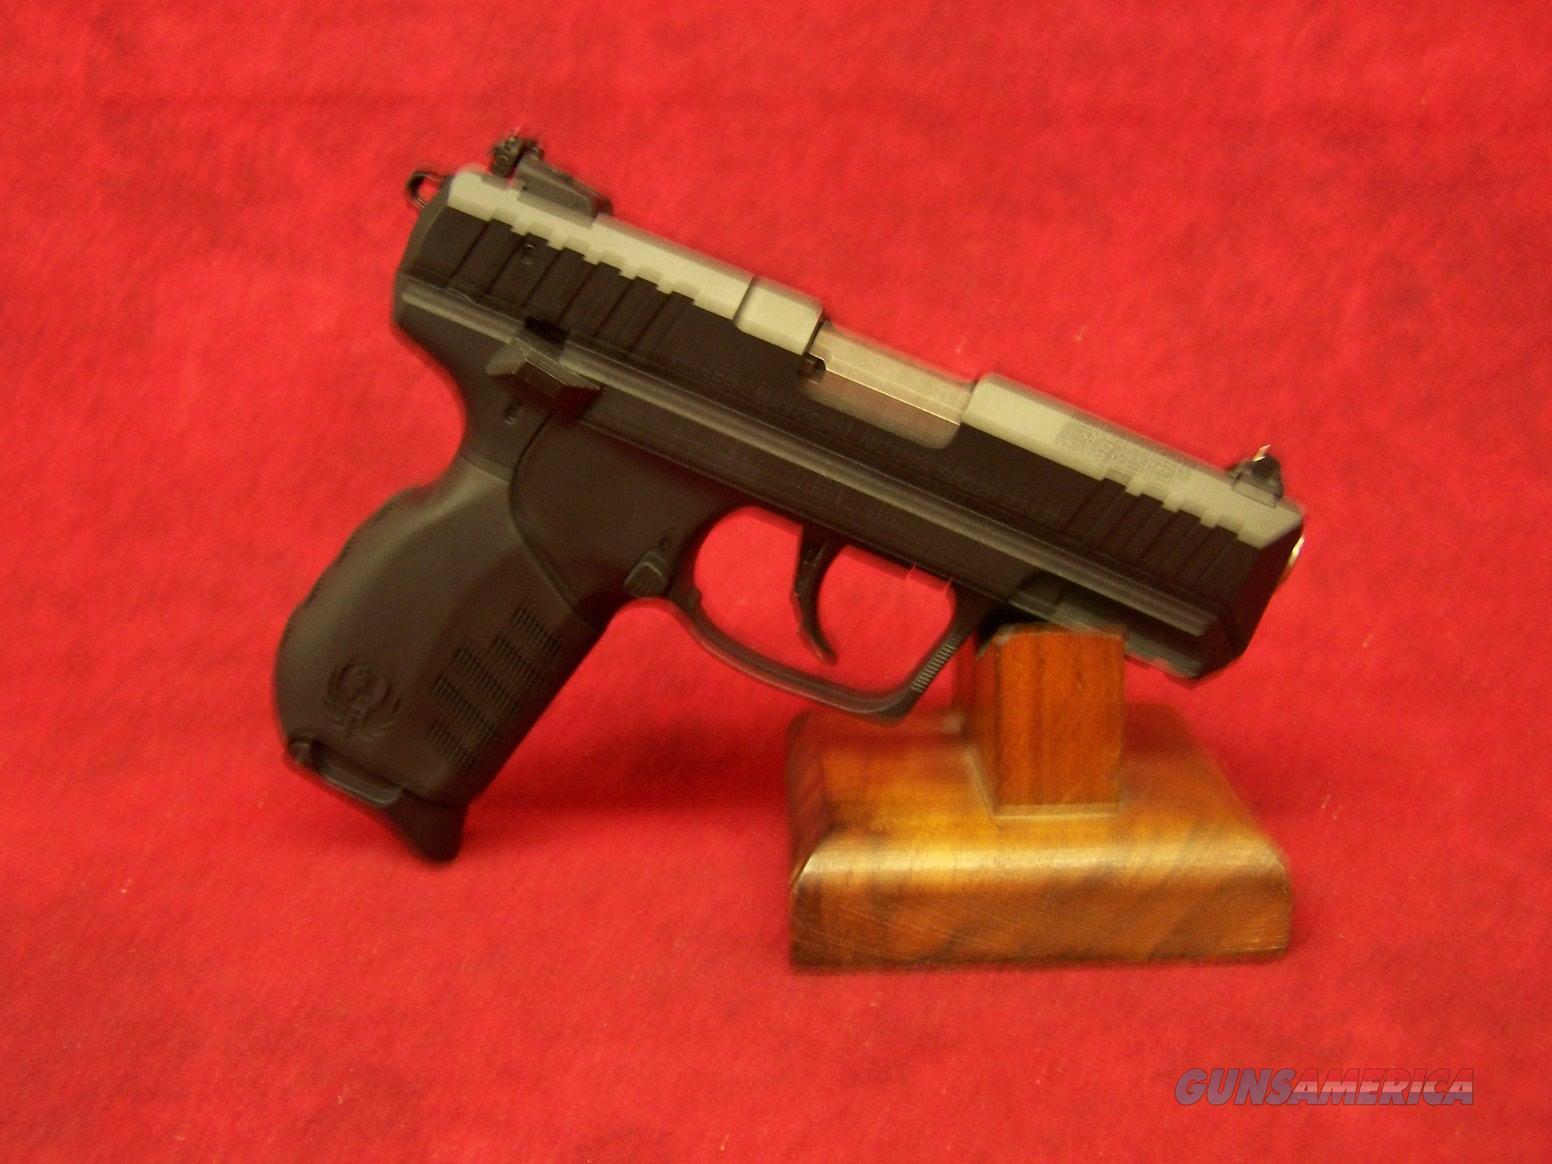 """Ruger SR22  SR22PBT .22LR 3.5"""" Threaded Barrel (03604)  Guns > Pistols > Ruger Semi-Auto Pistols > SR Family > SR22"""